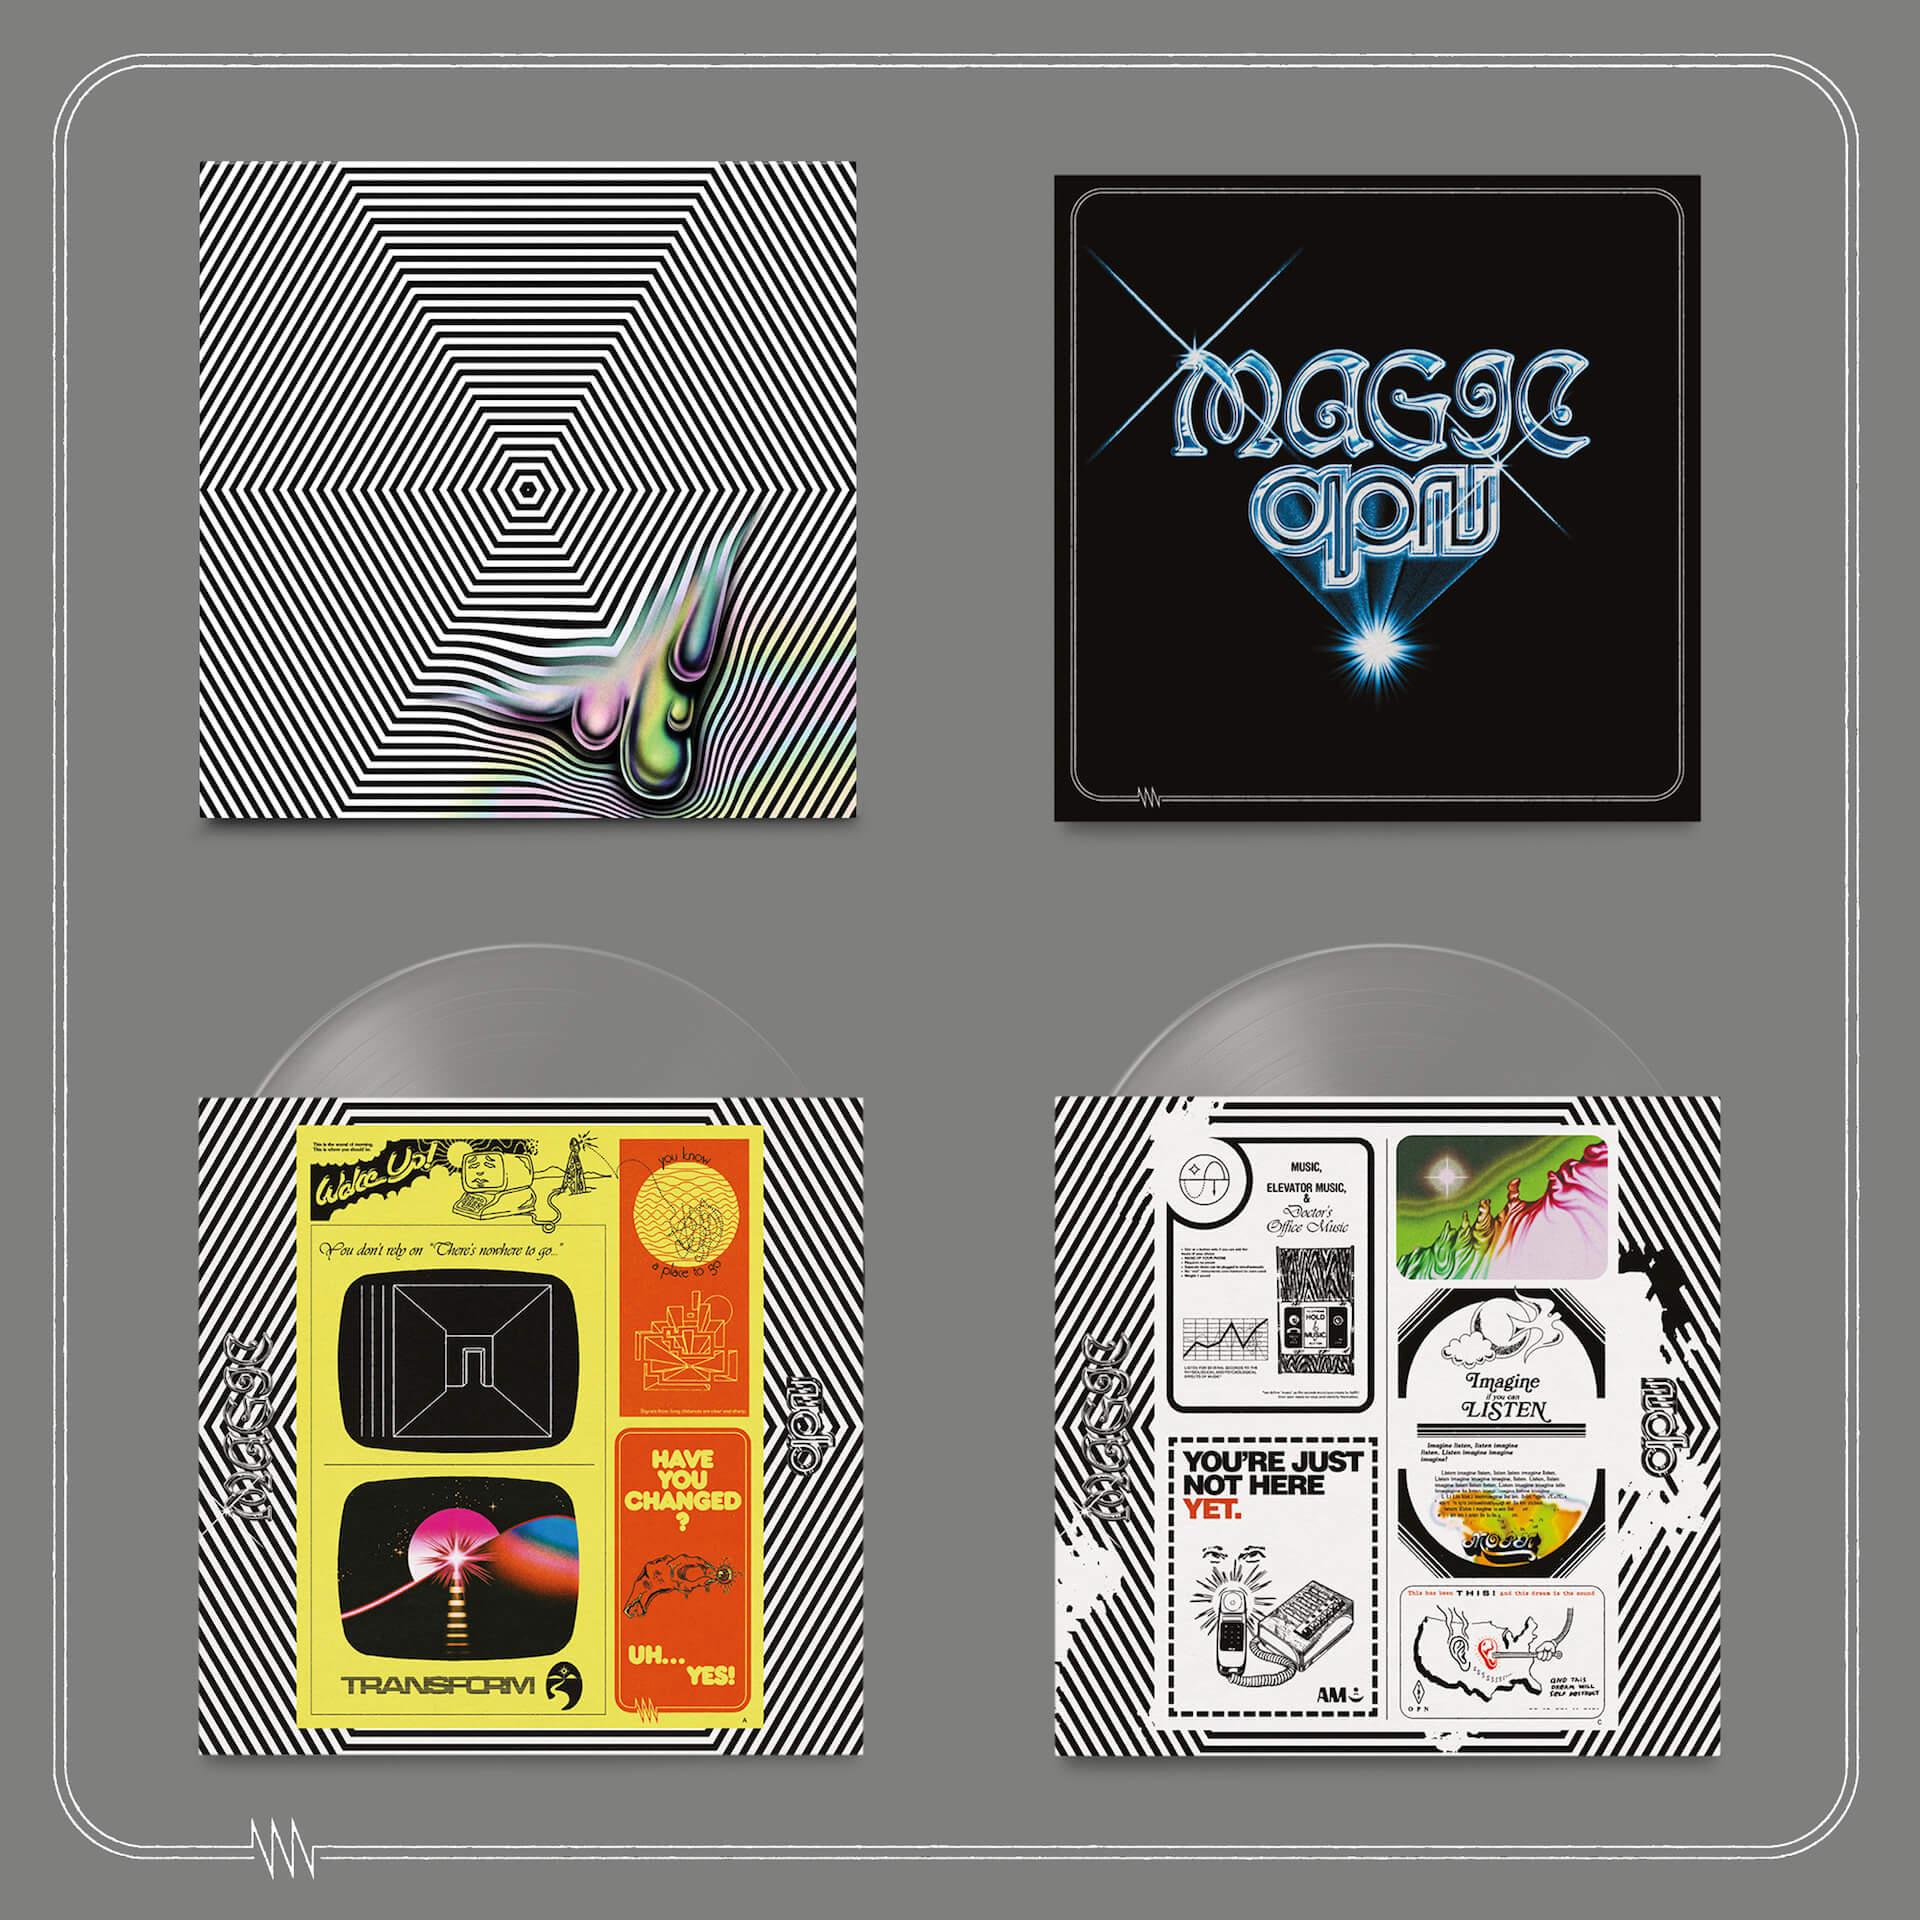 Oneohtrix Point Neverの新アルバム『Magic Oneohtrix Point Never』がリリース決定!シングル3曲をまとめたパッケージが公開 music200924_opn_14